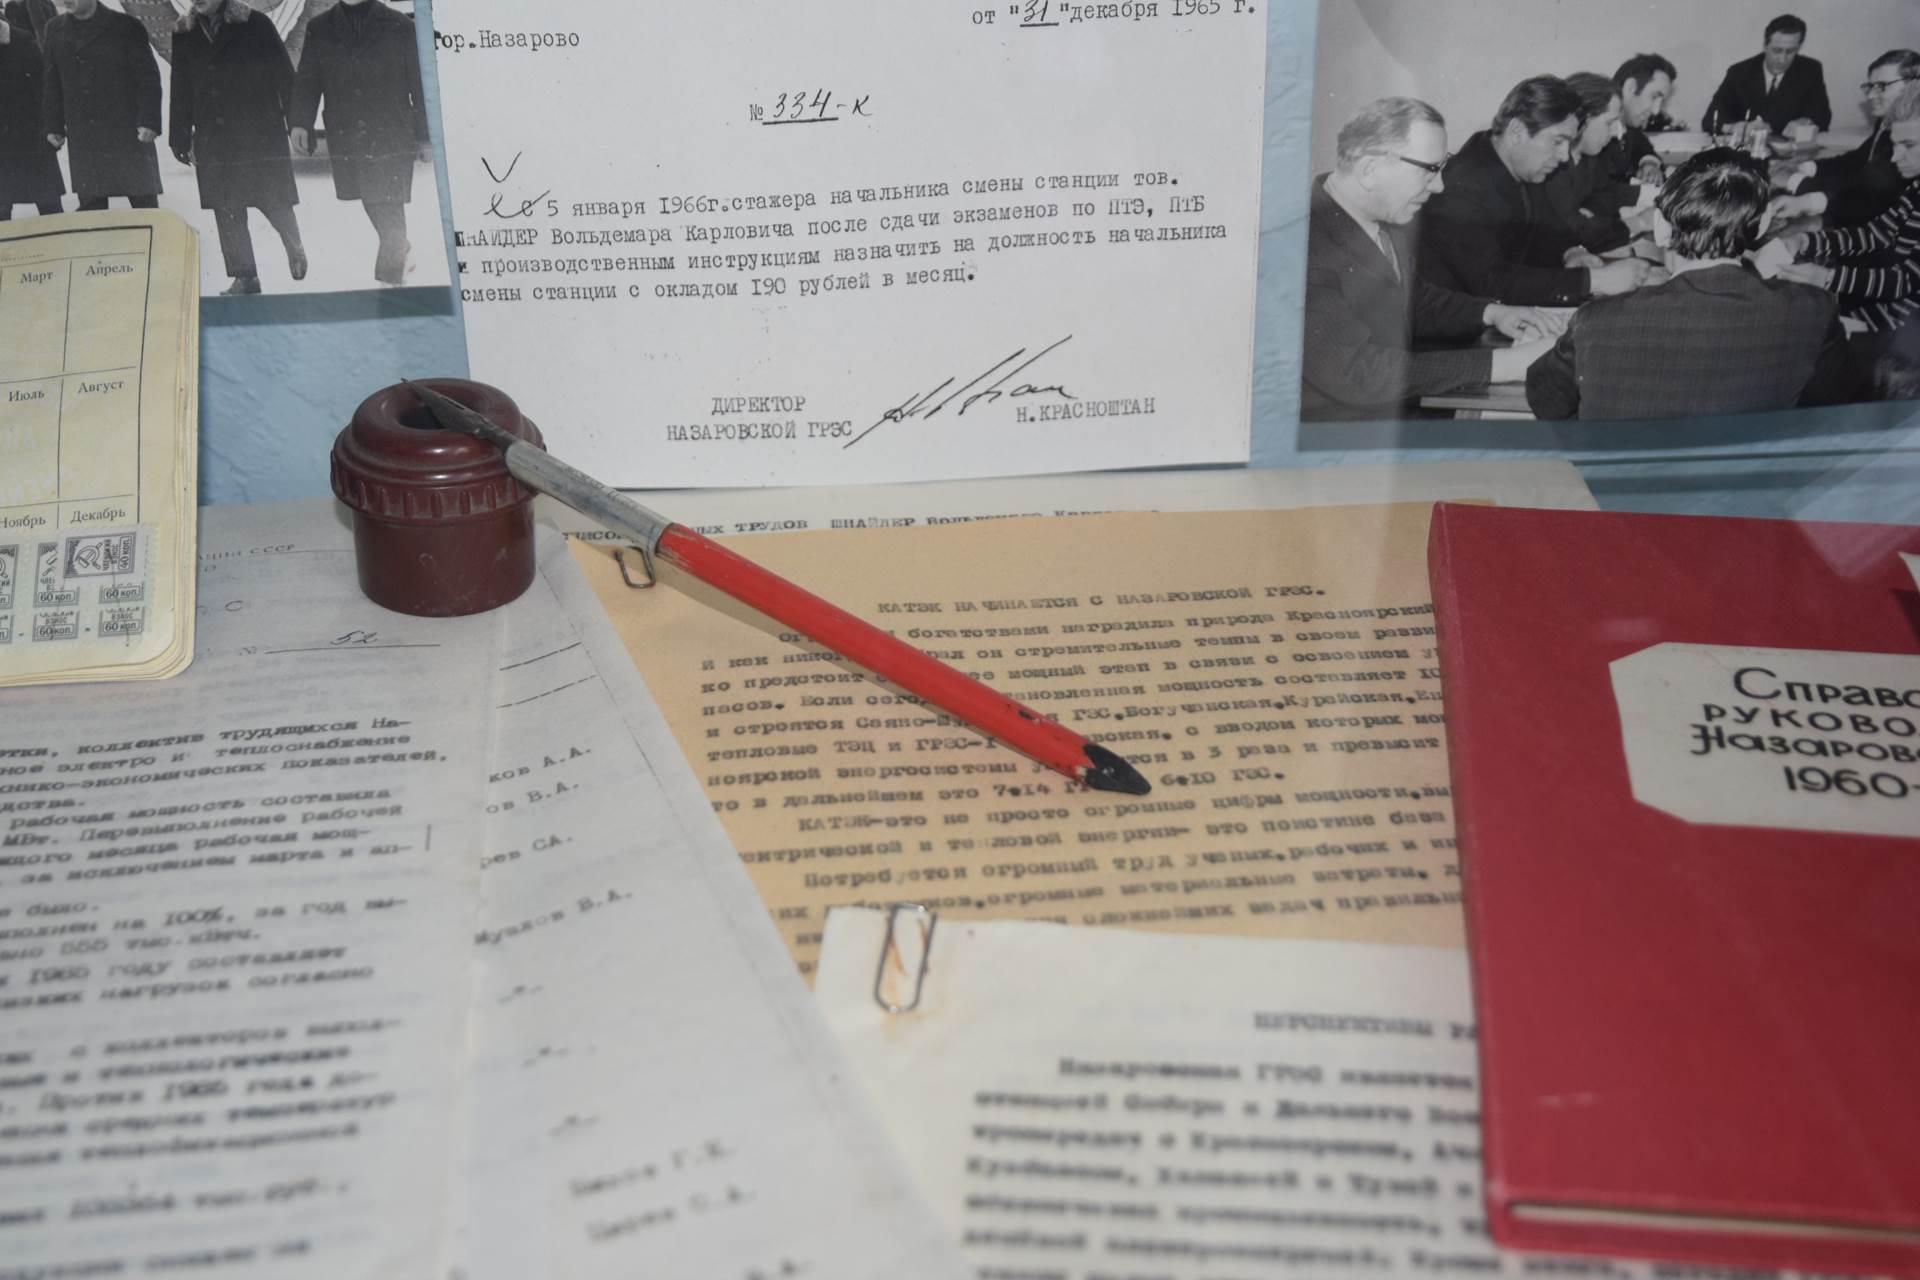 Перьевая советская ручка: от клякс до каллиграфии